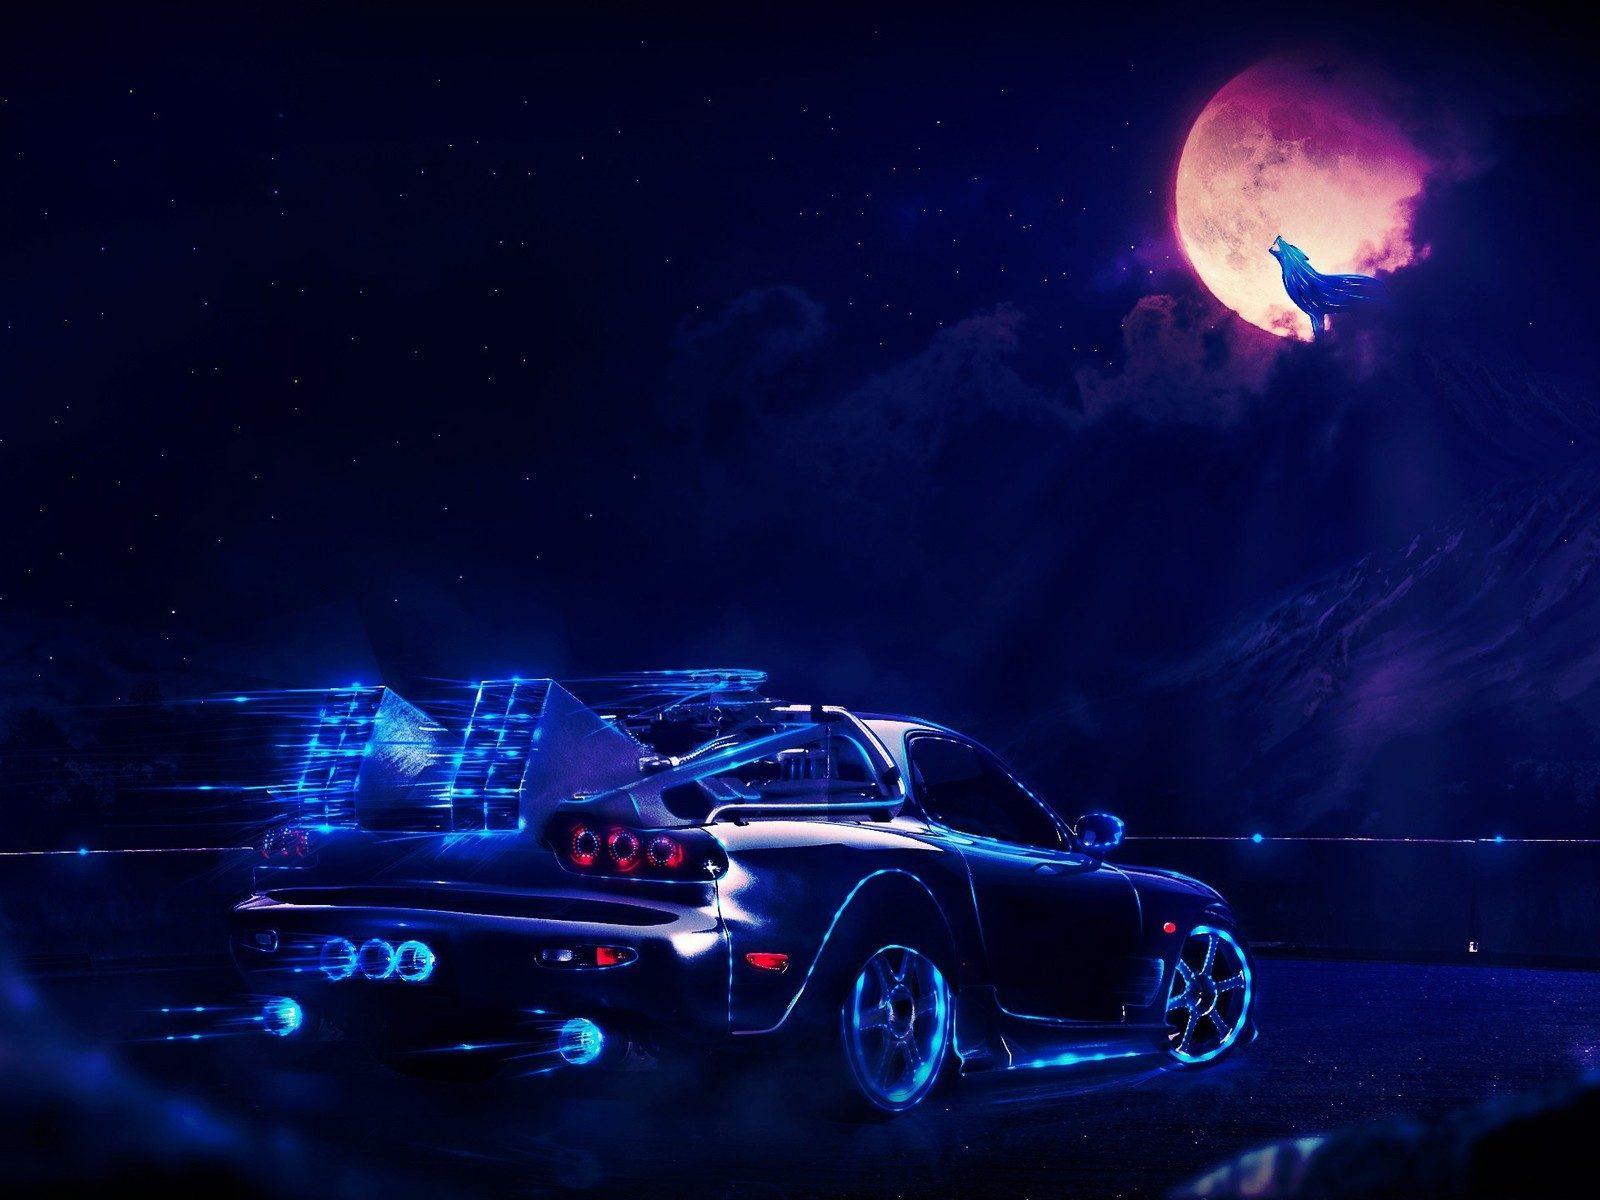 Hd Earth Wallpaper Widescreen Back To The Future Delorean At Night Hd Wallpaper